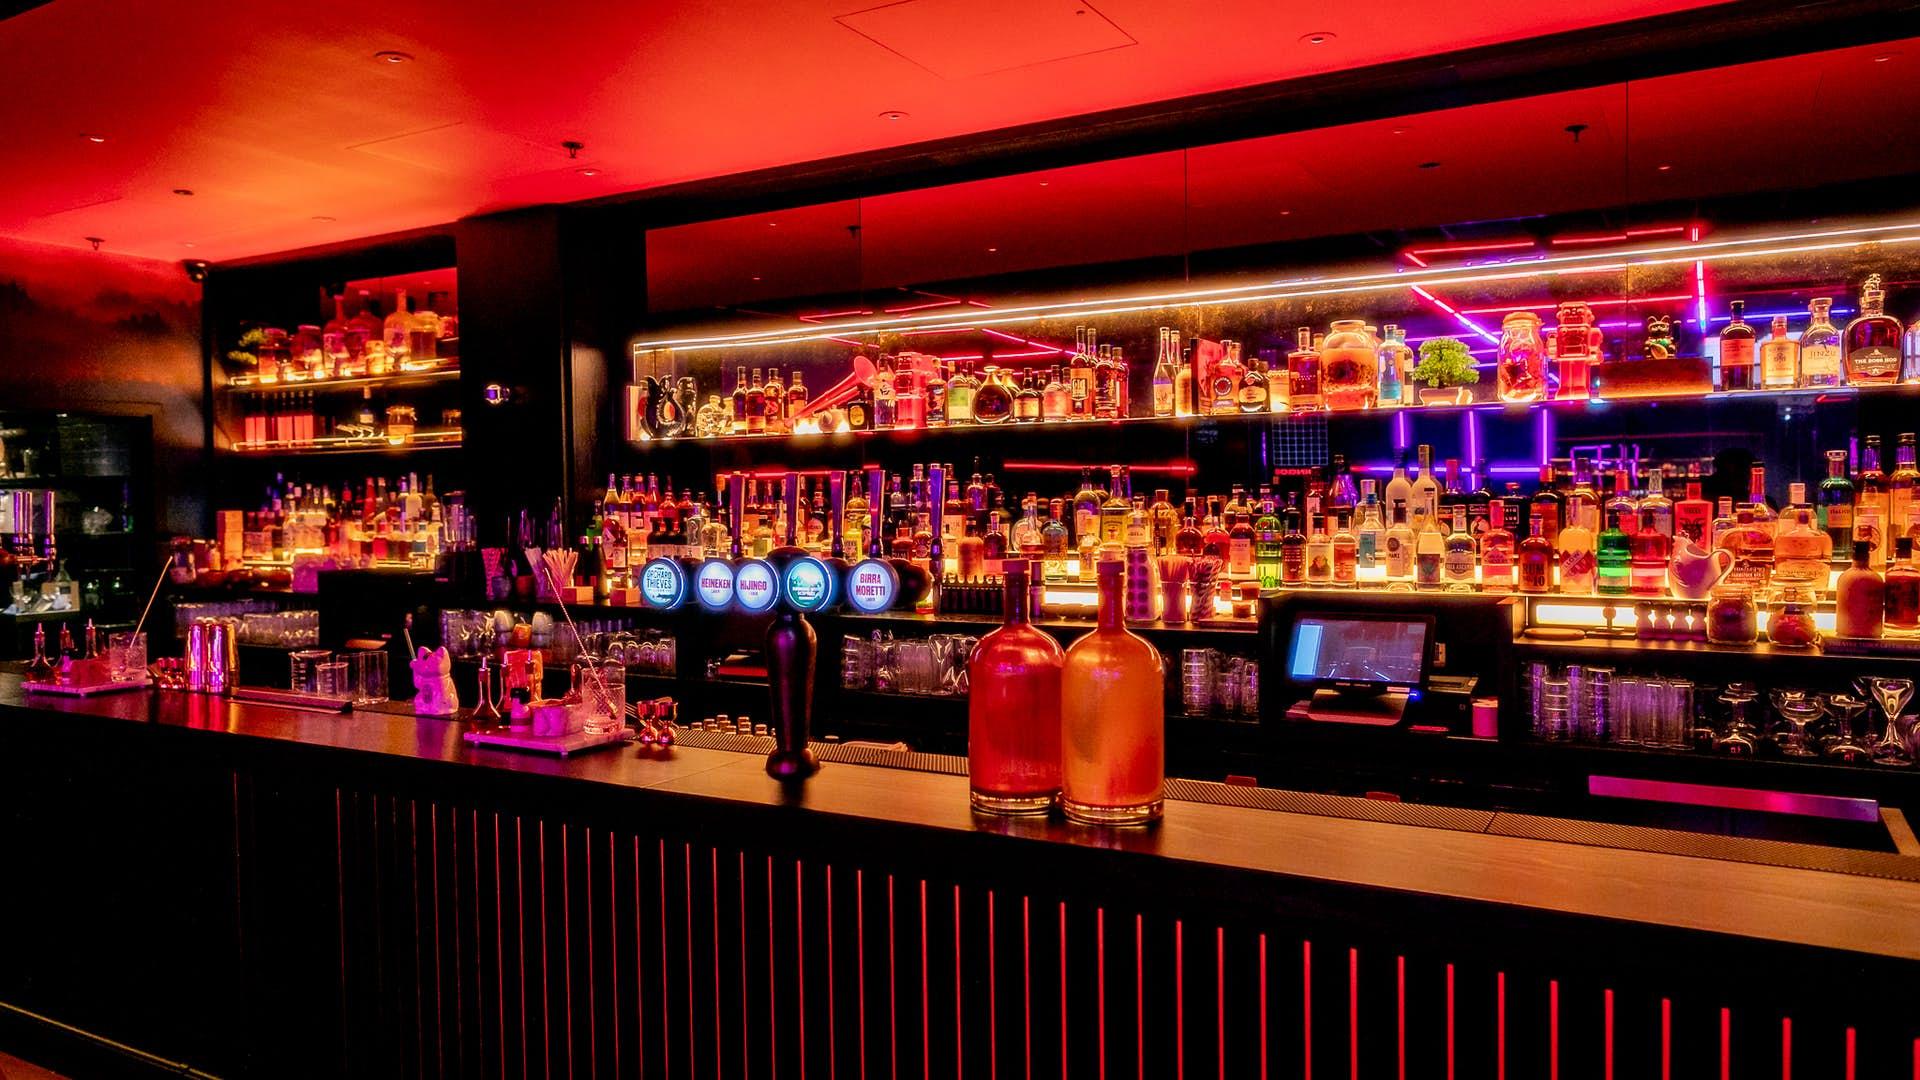 Hijingo bar